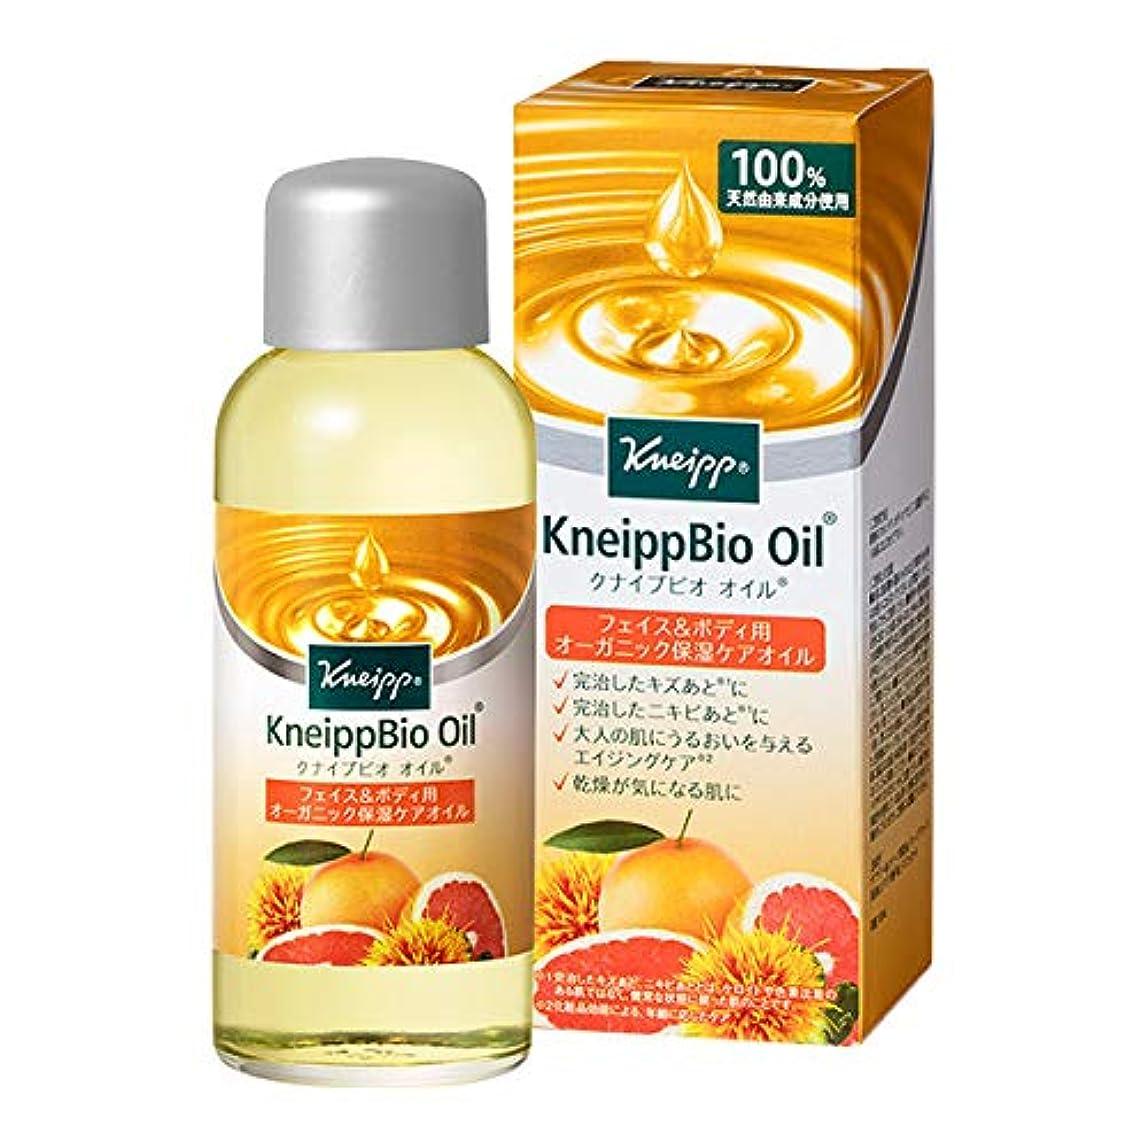 失態ハチ孤独クナイプ(Kneipp) クナイプ ビオオイル100mL 美容液